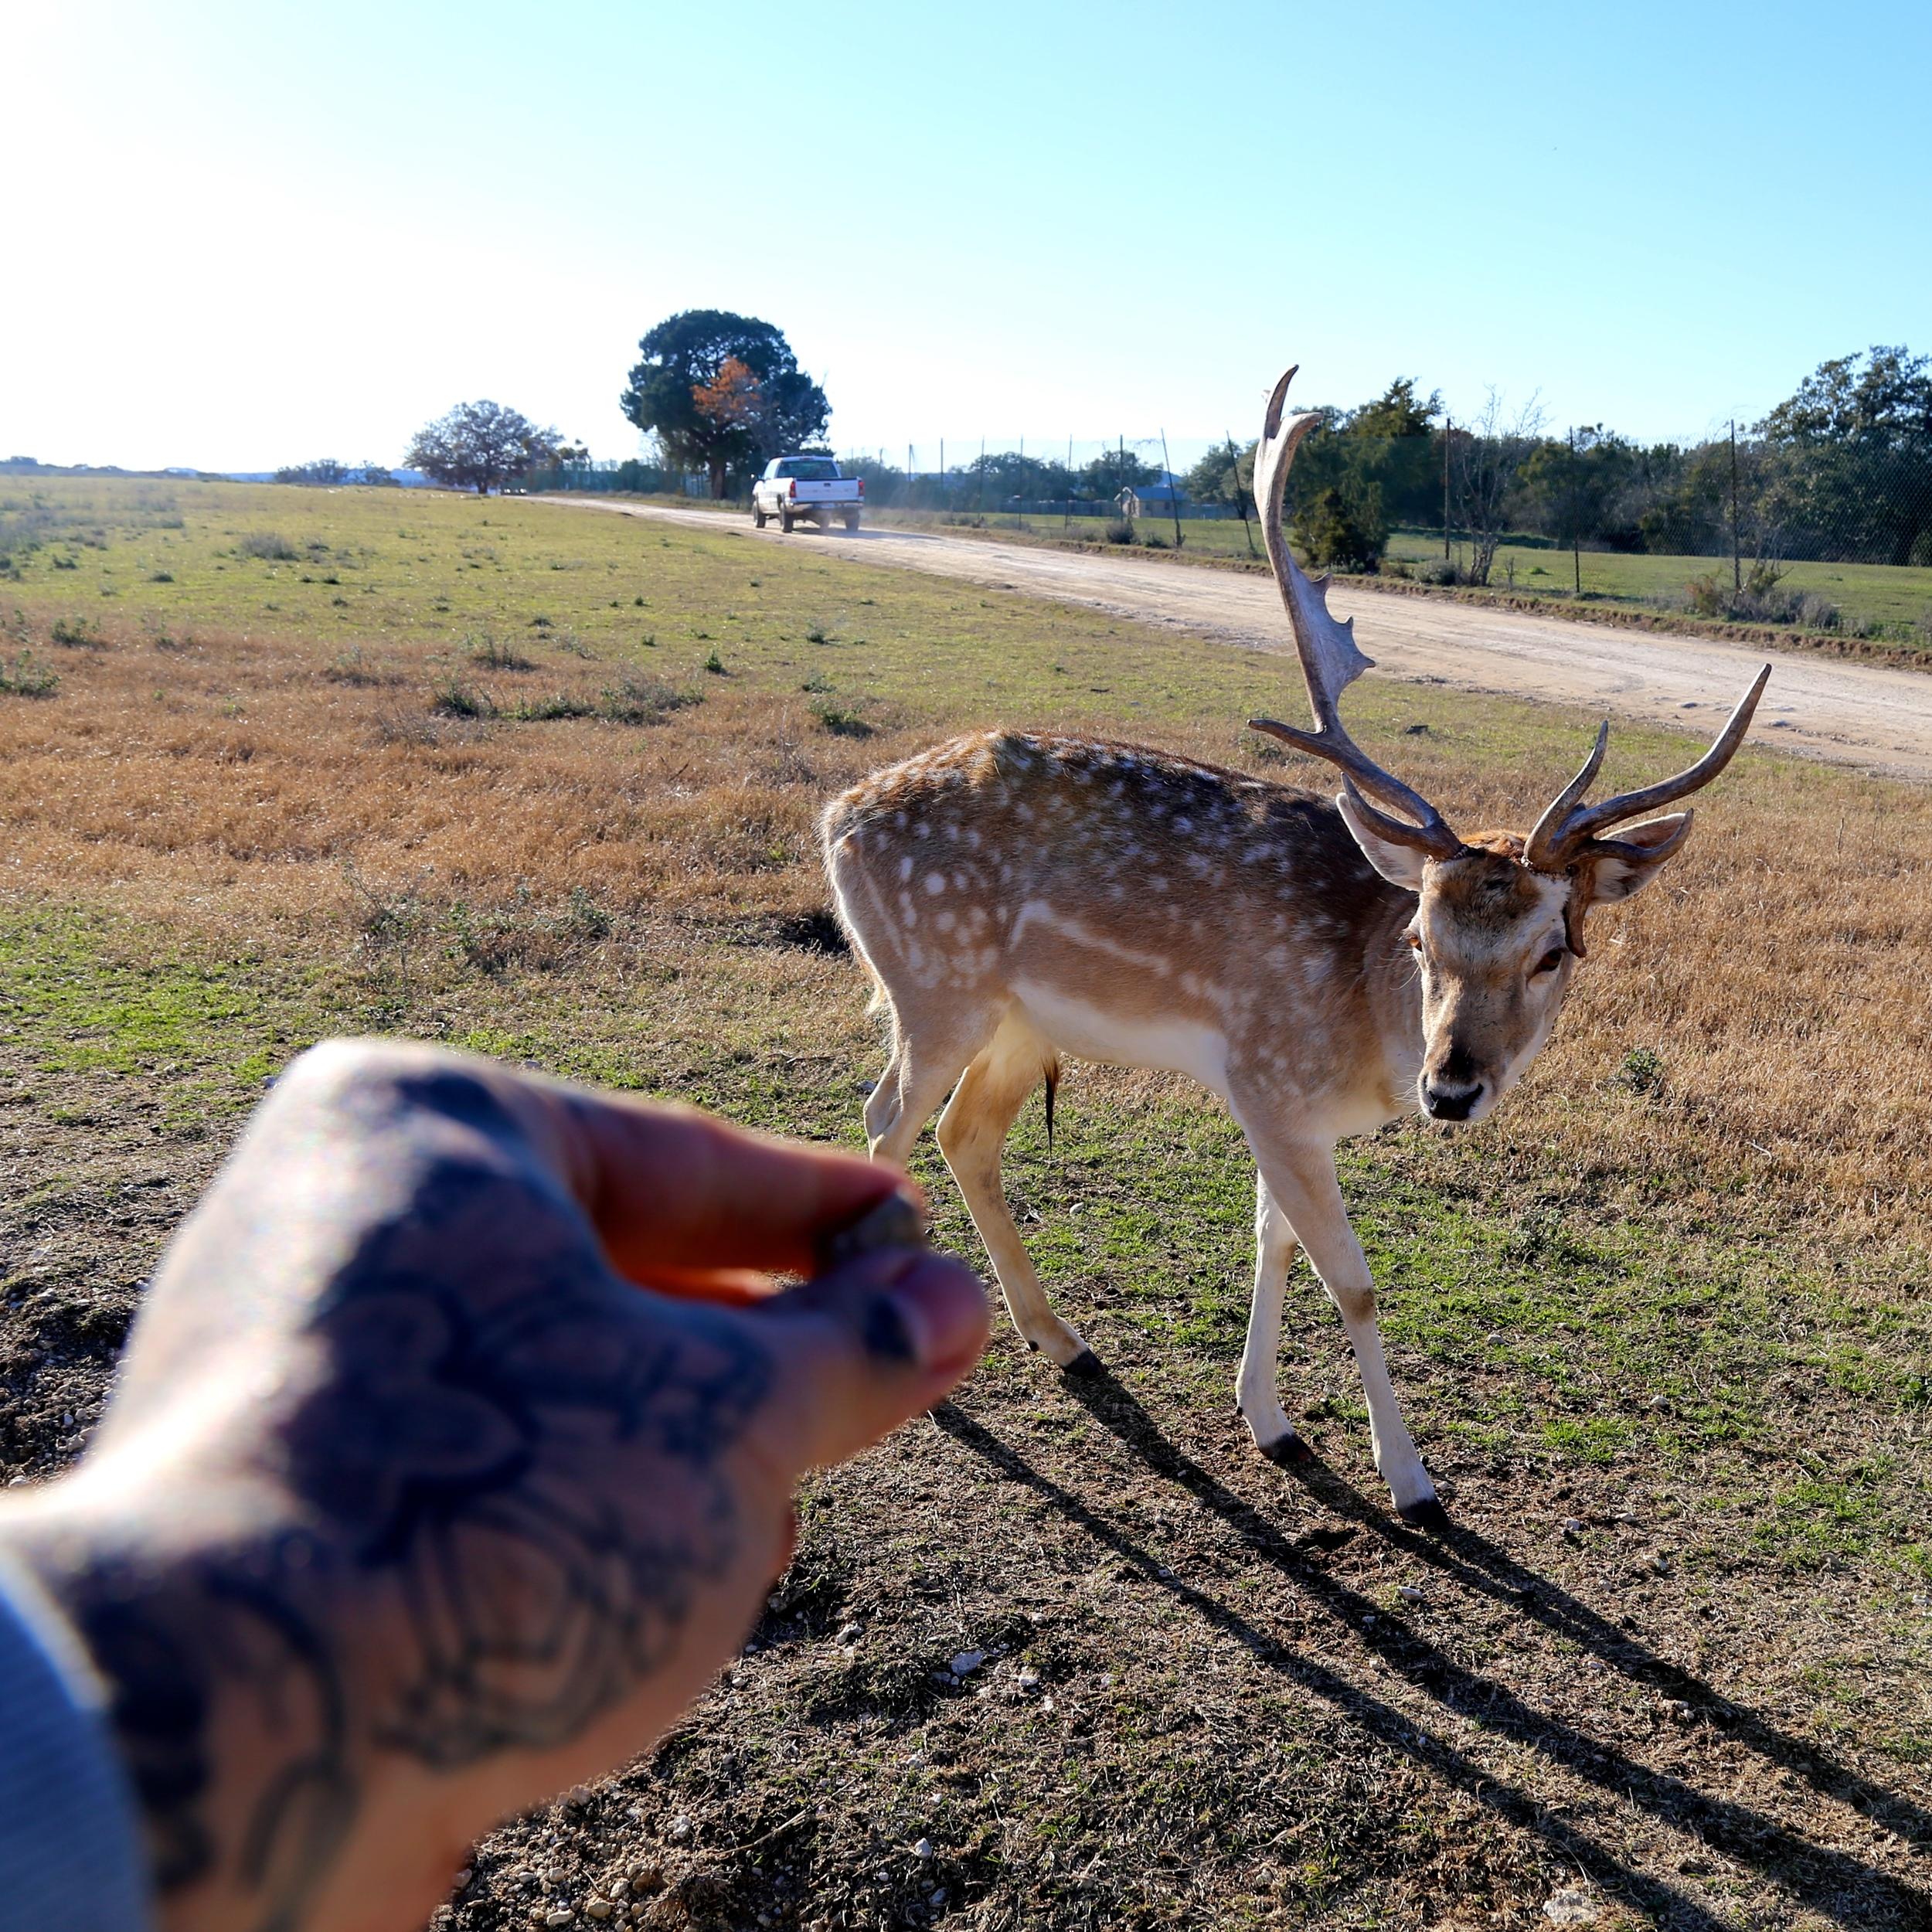 Feeding animals 1 enrique bernal ejay tattoo.JPG